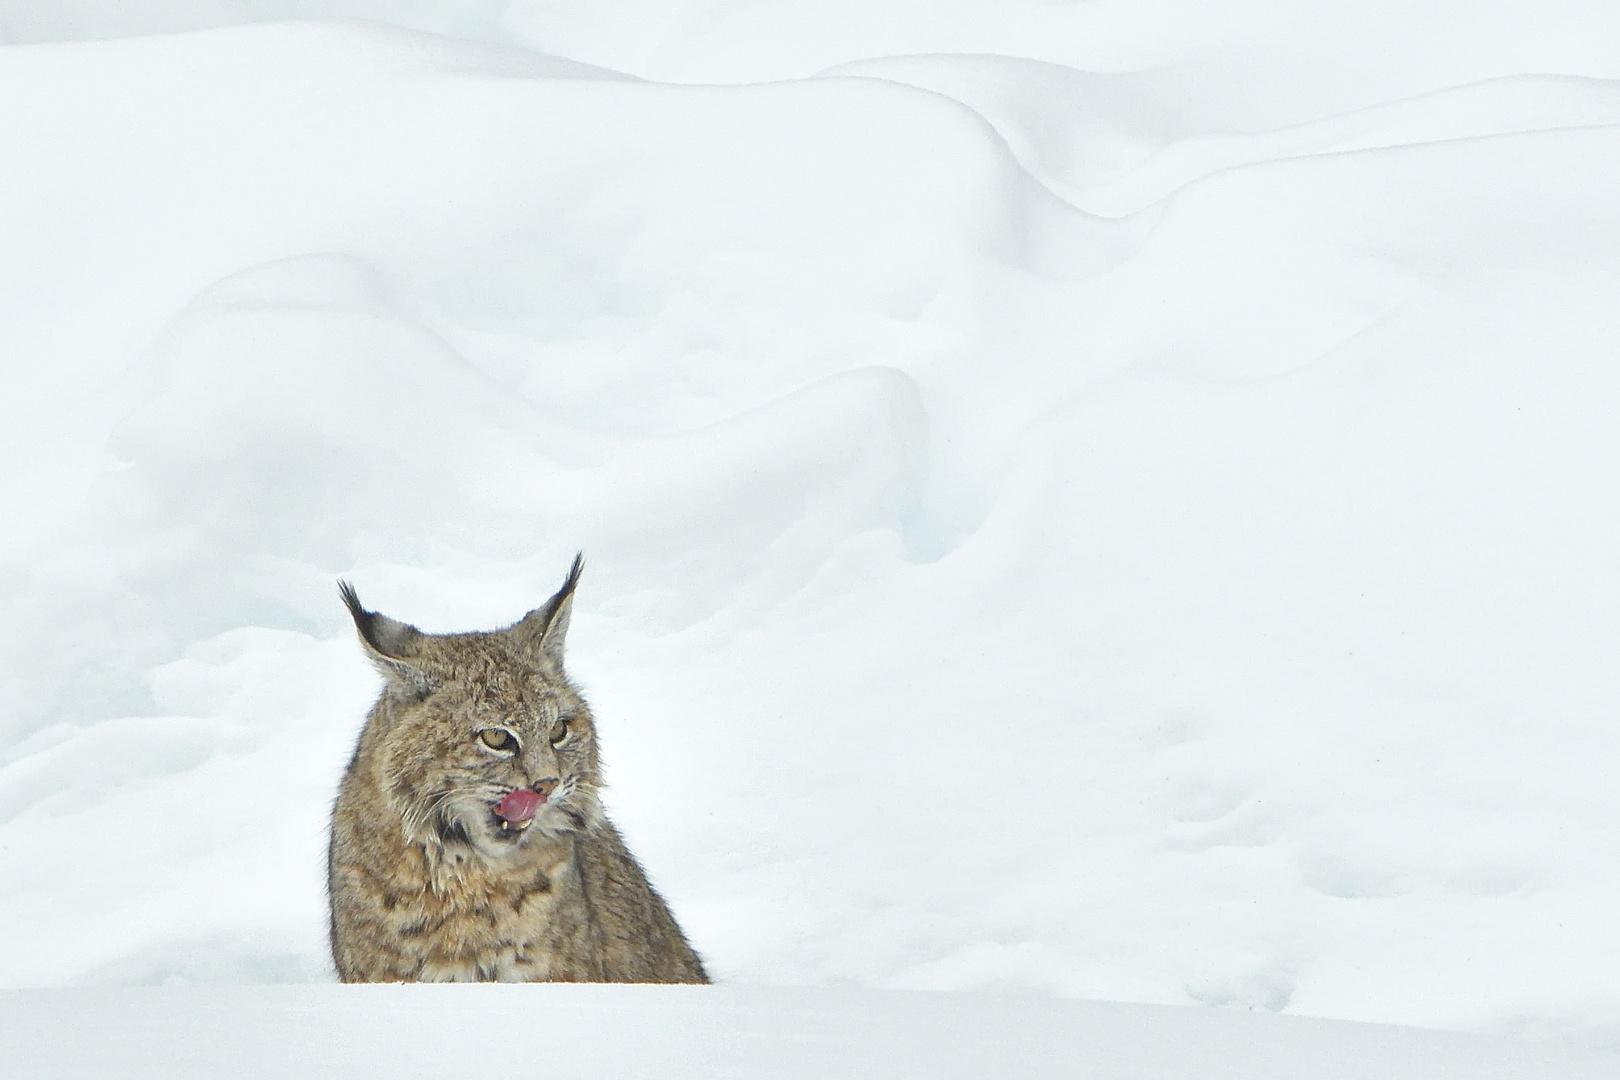 Snow Landscape with Bobcat